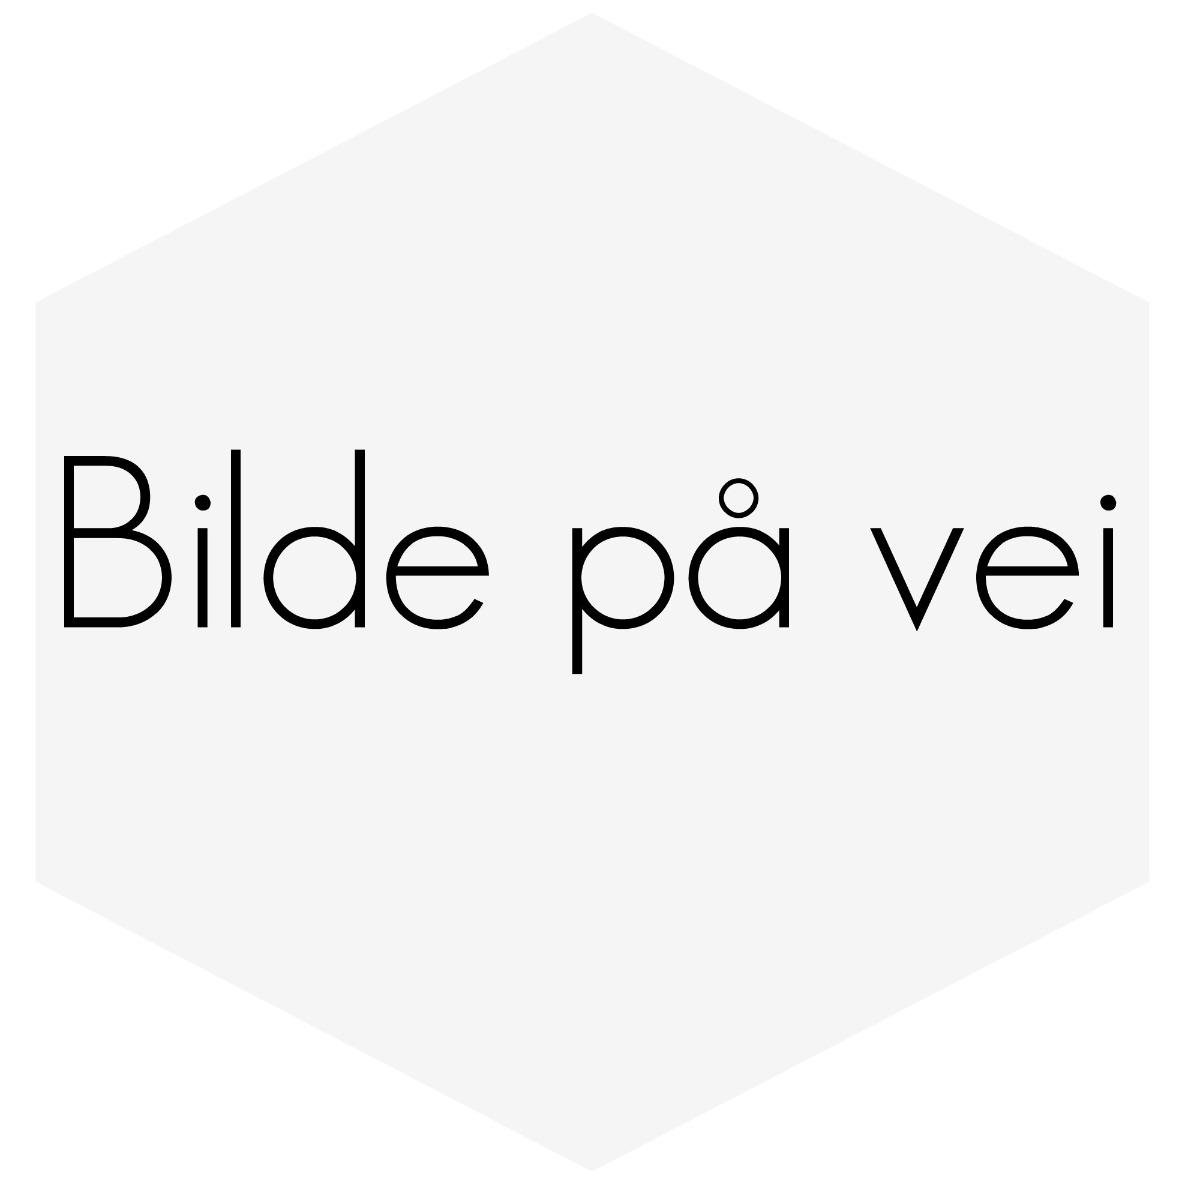 SNOR TIL BRUK FOR Å MONTERE RUTER MED GUMMILISTER